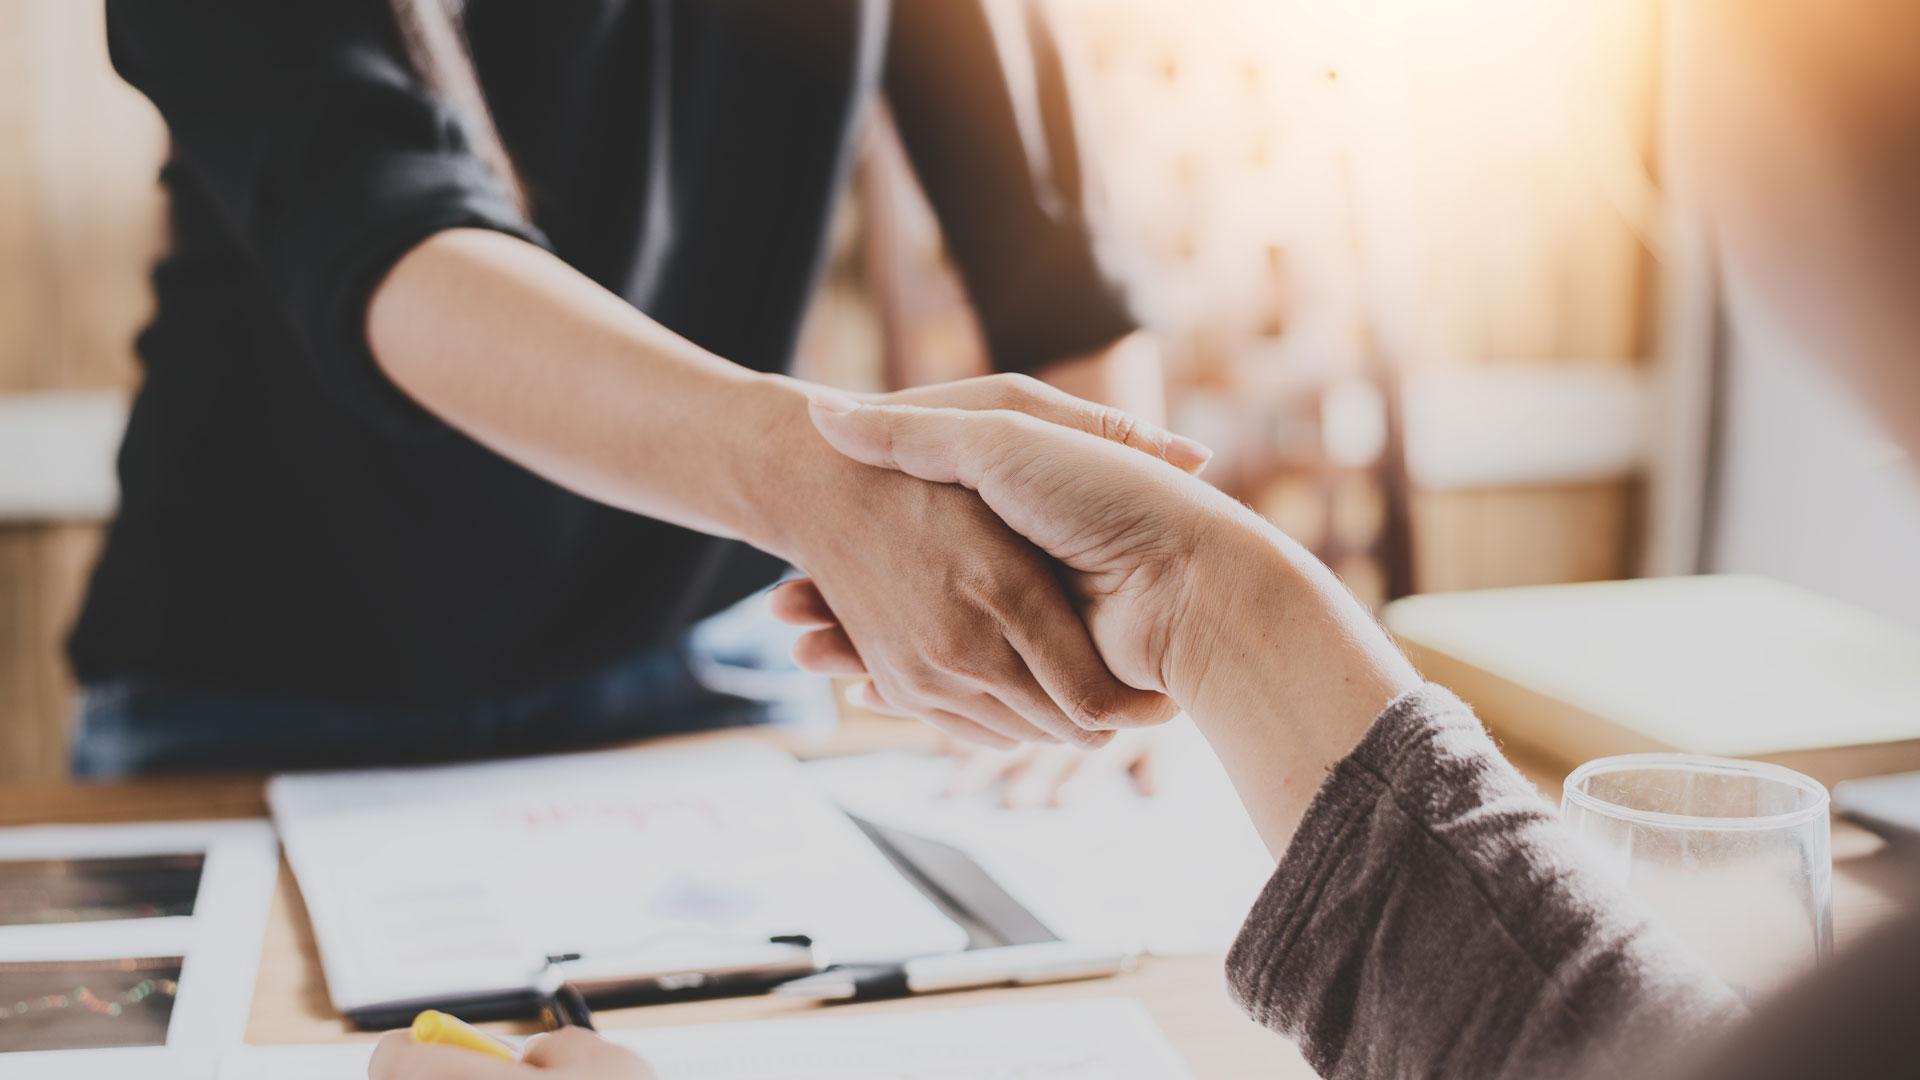 Händeschütteln für gute Zusammenarbeit